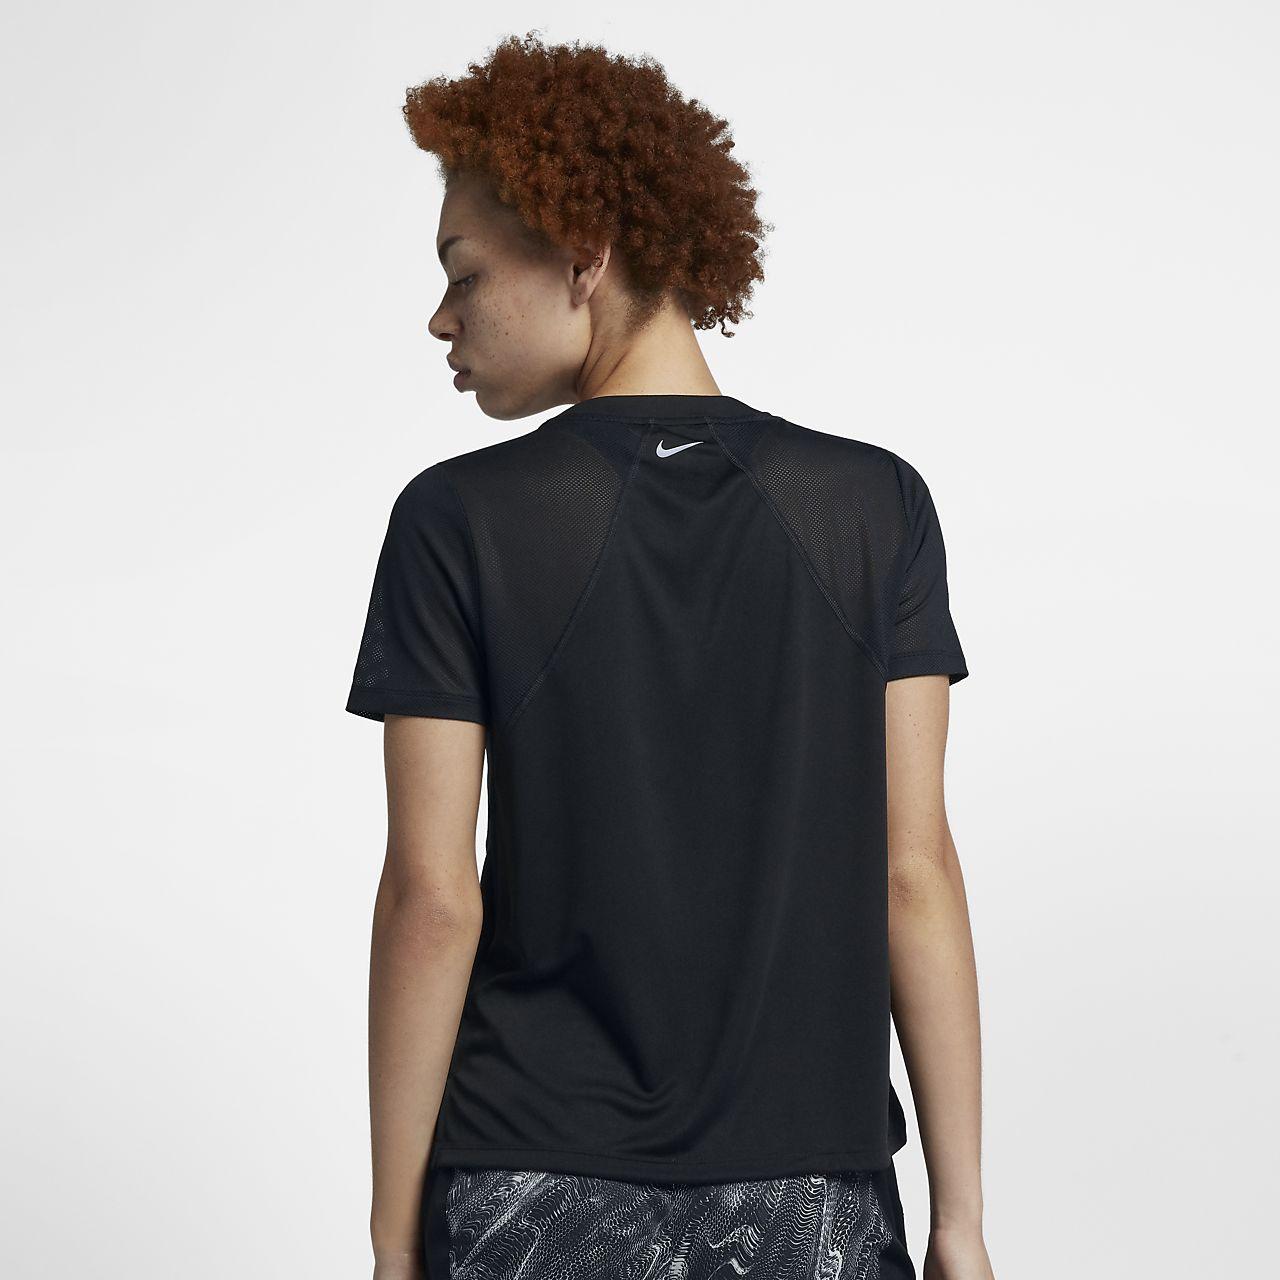 e4be990a263de Nike Dri-FIT Miler Women s Short-Sleeve Running Top. Nike.com HR